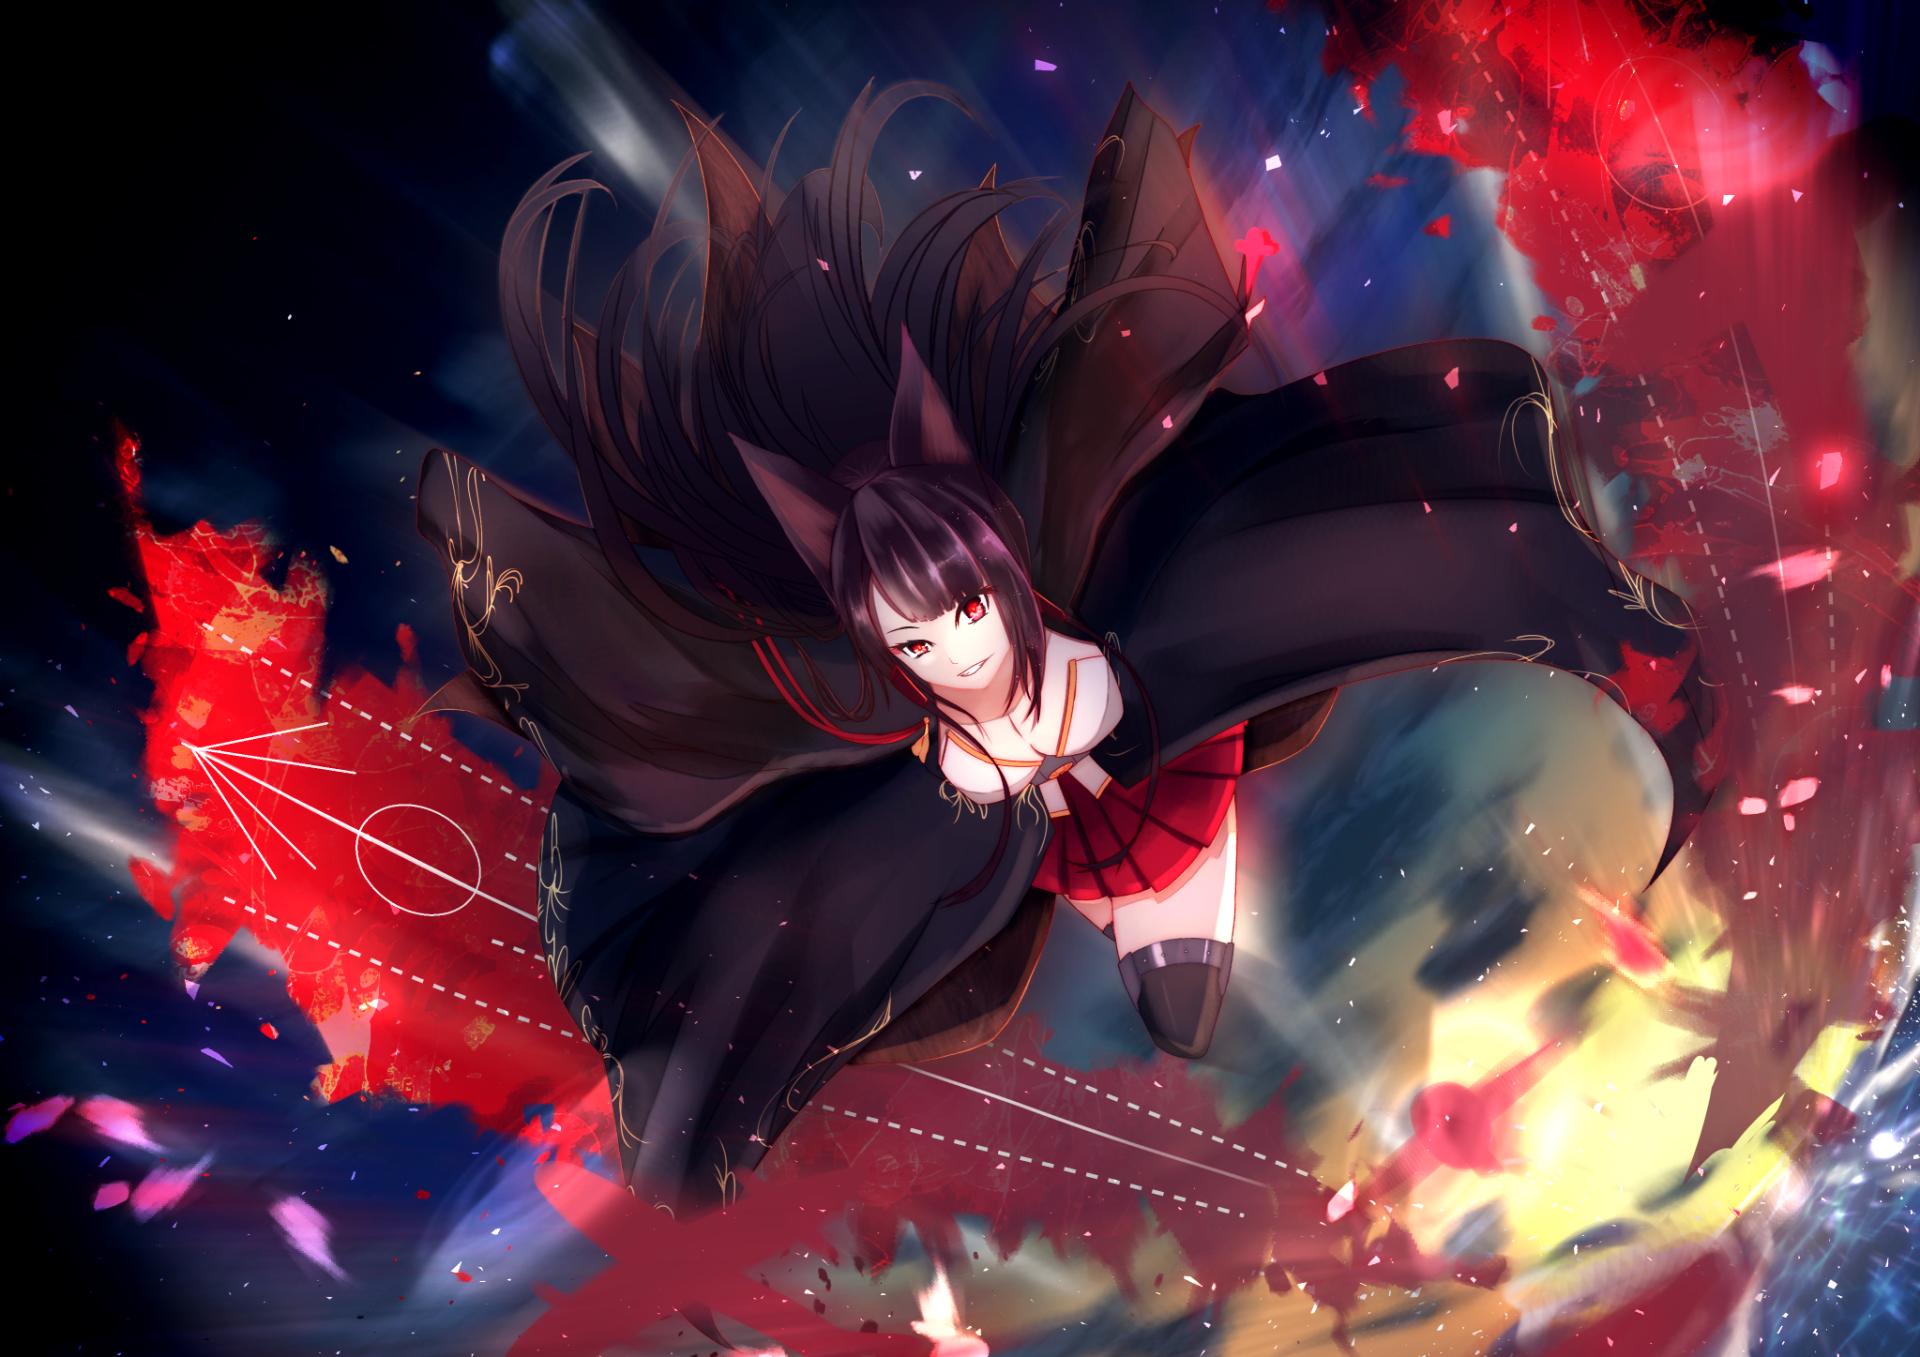 Anime Azur Lane Akagi Azur Lane Wallpaper Anime Wallpaper Backgrounds Akagi